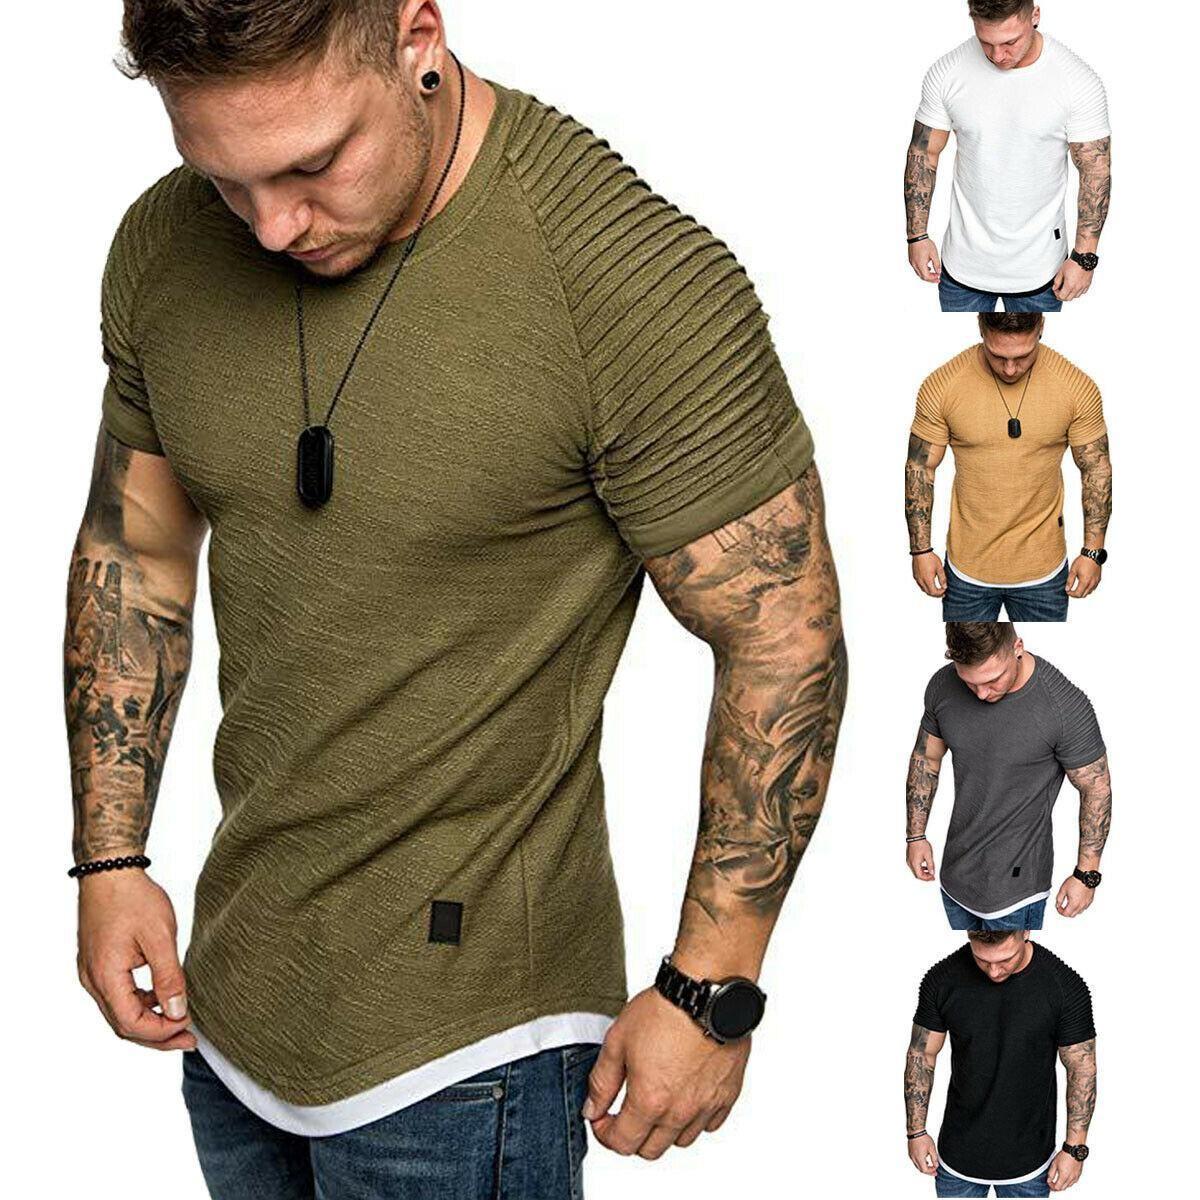 남성용 T - 셔츠 주름진 슬림 피트 넥 짧은 소매 근육 솔리드 캐주얼 셔츠 셔츠 여름 기본 티 사이즈 M-3XL